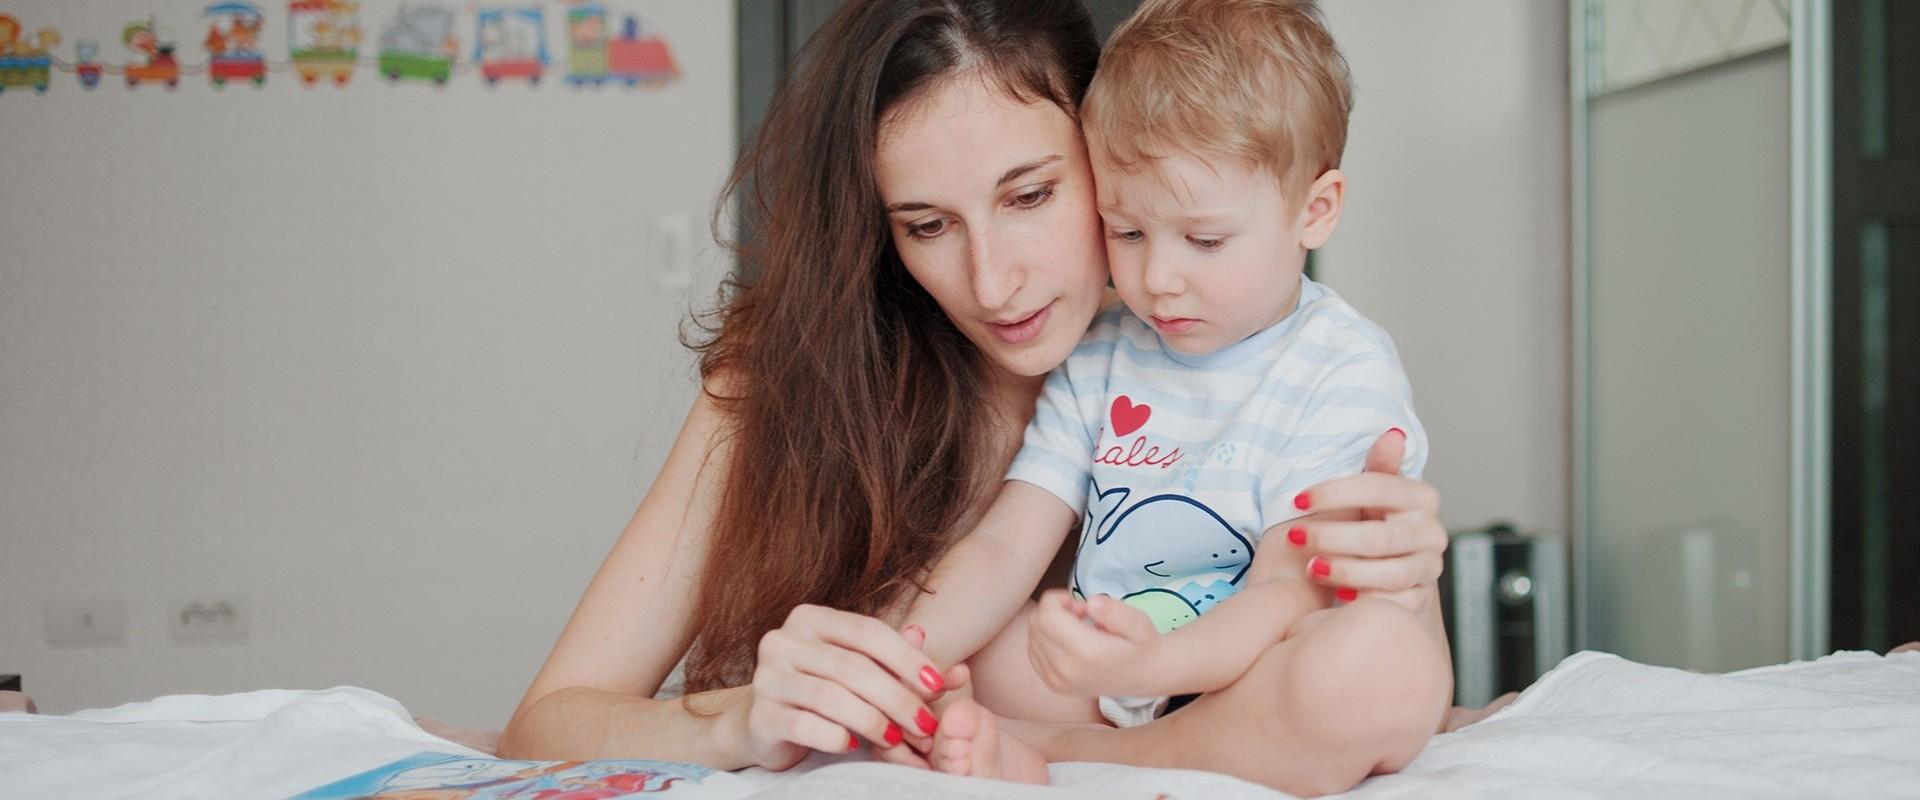 Auxiliaire Parentale A Domicile Metier Formations Salaire